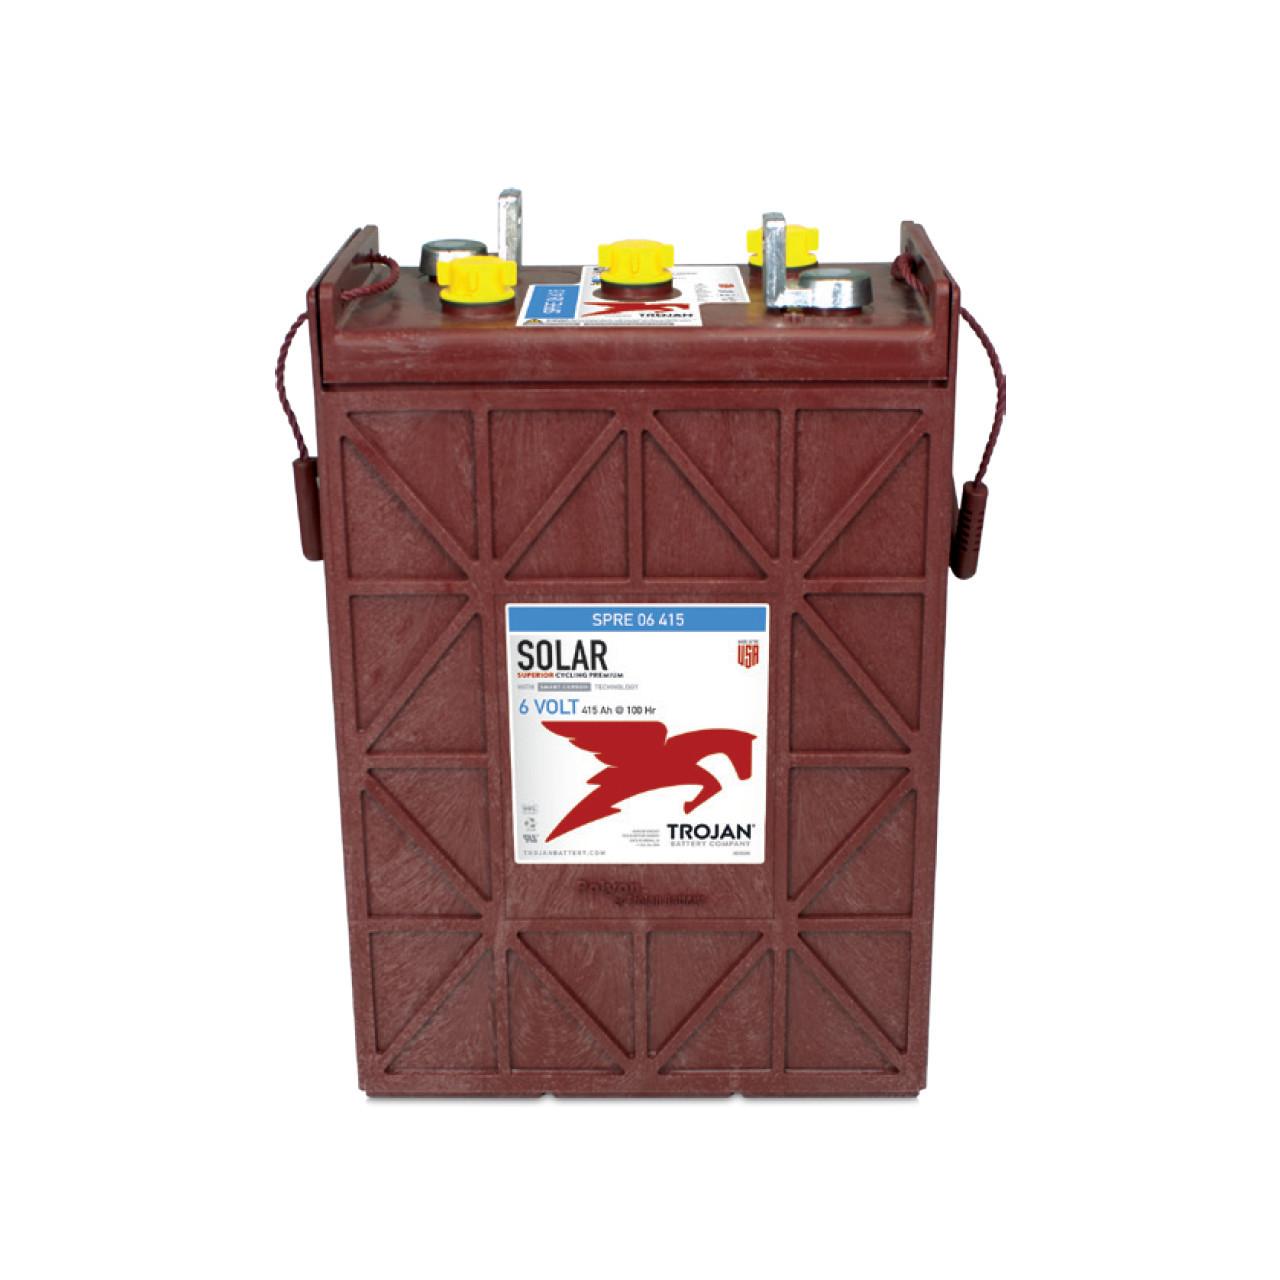 Trojan Battery - SPRE06-415